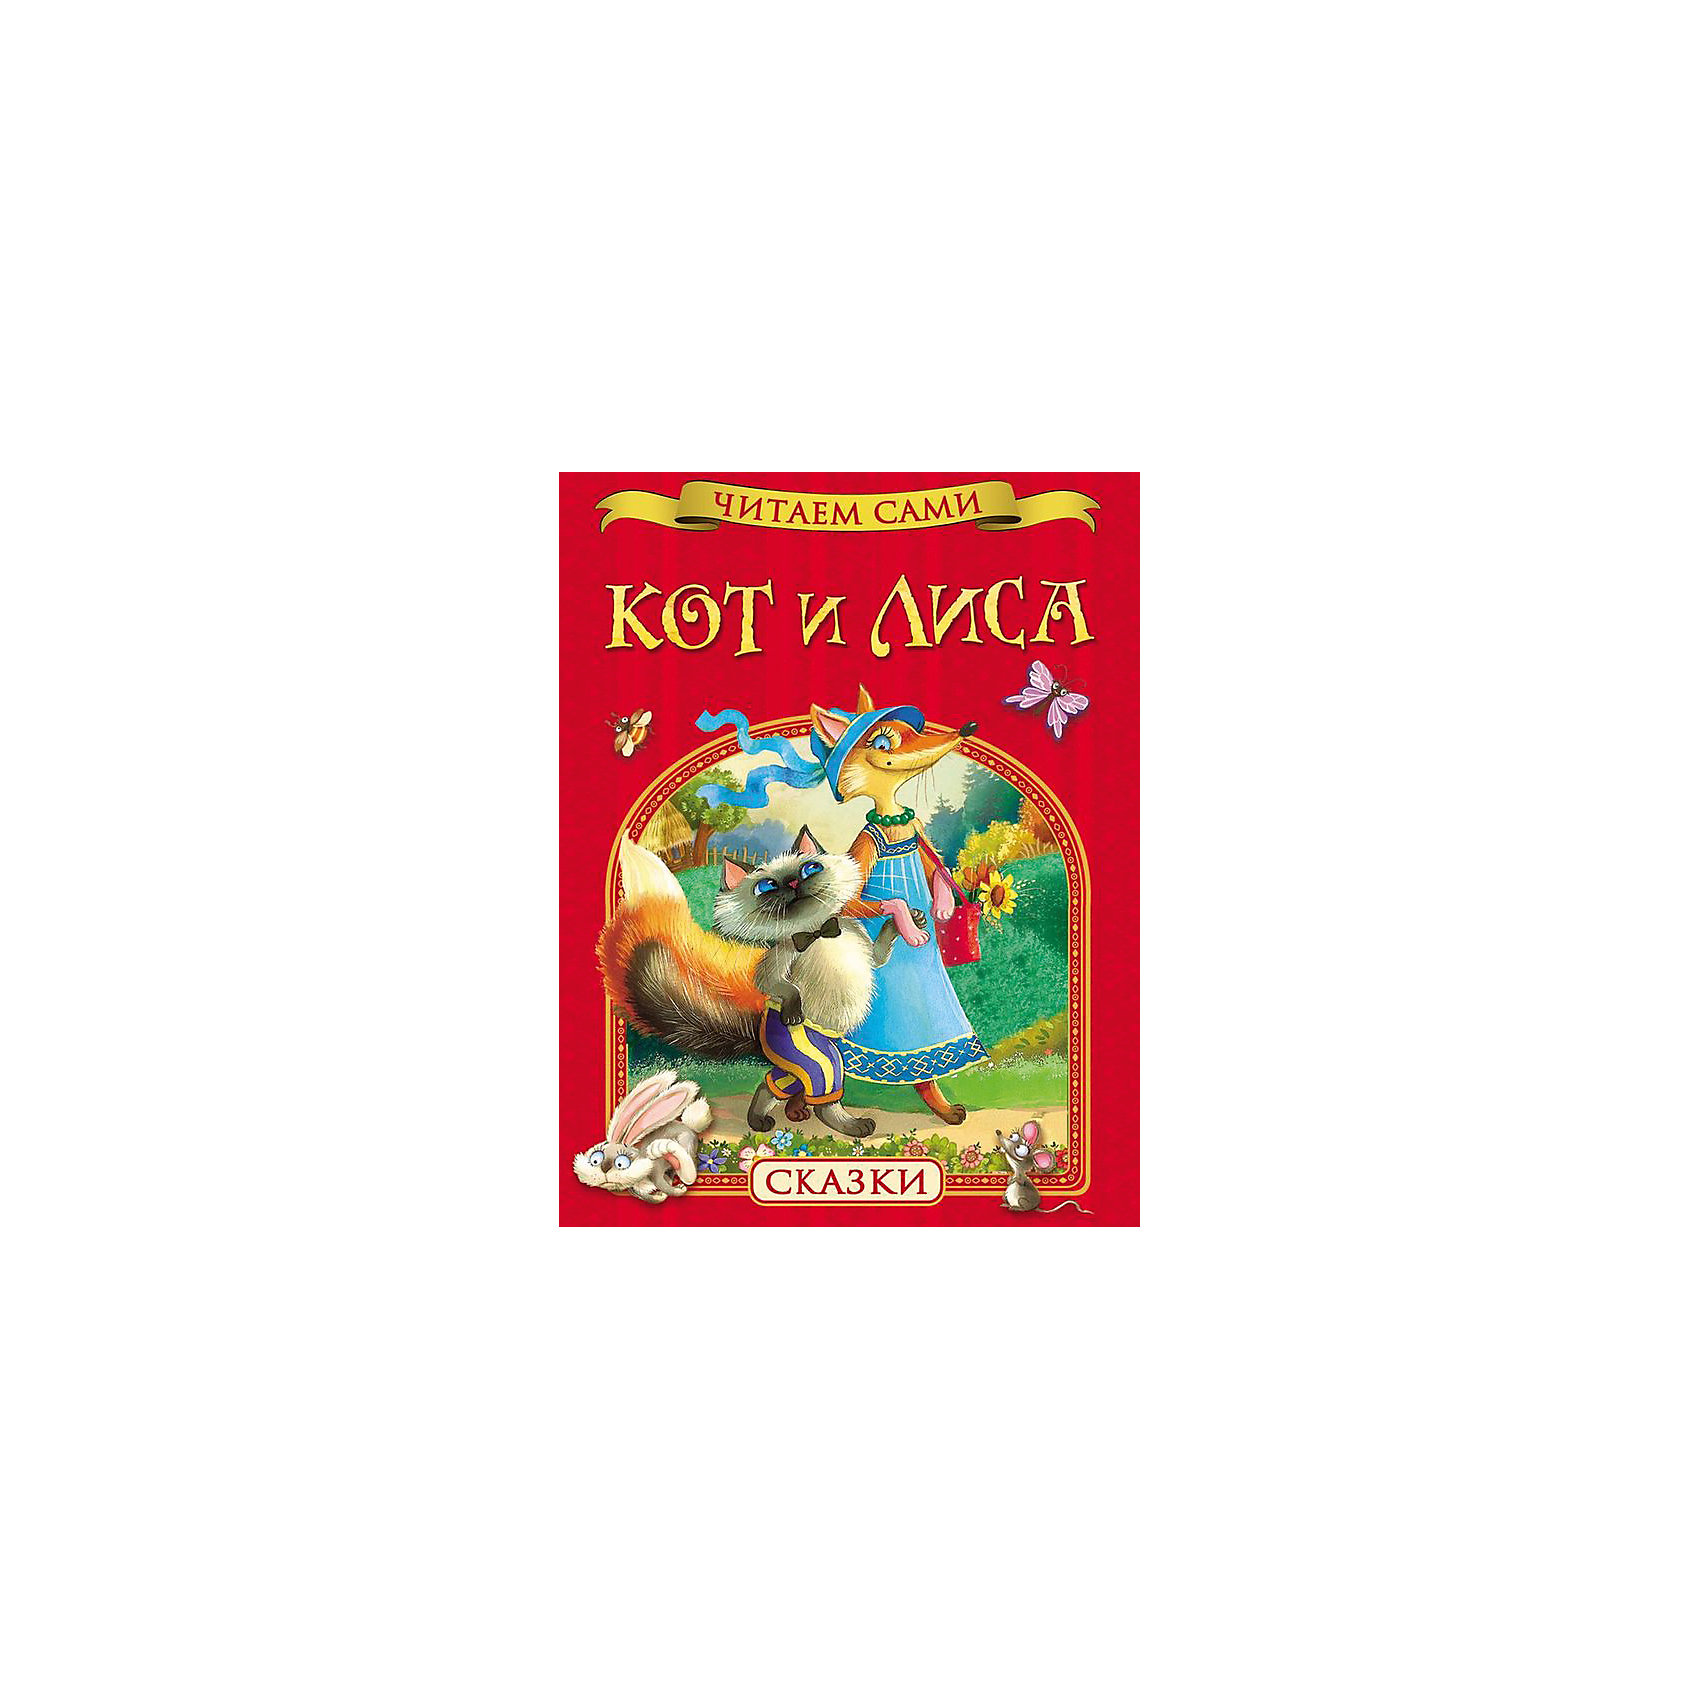 Росмэн Читаем сами Сказки. Кот и лиса росмэн комплект сказки андерсена для самых маленьких